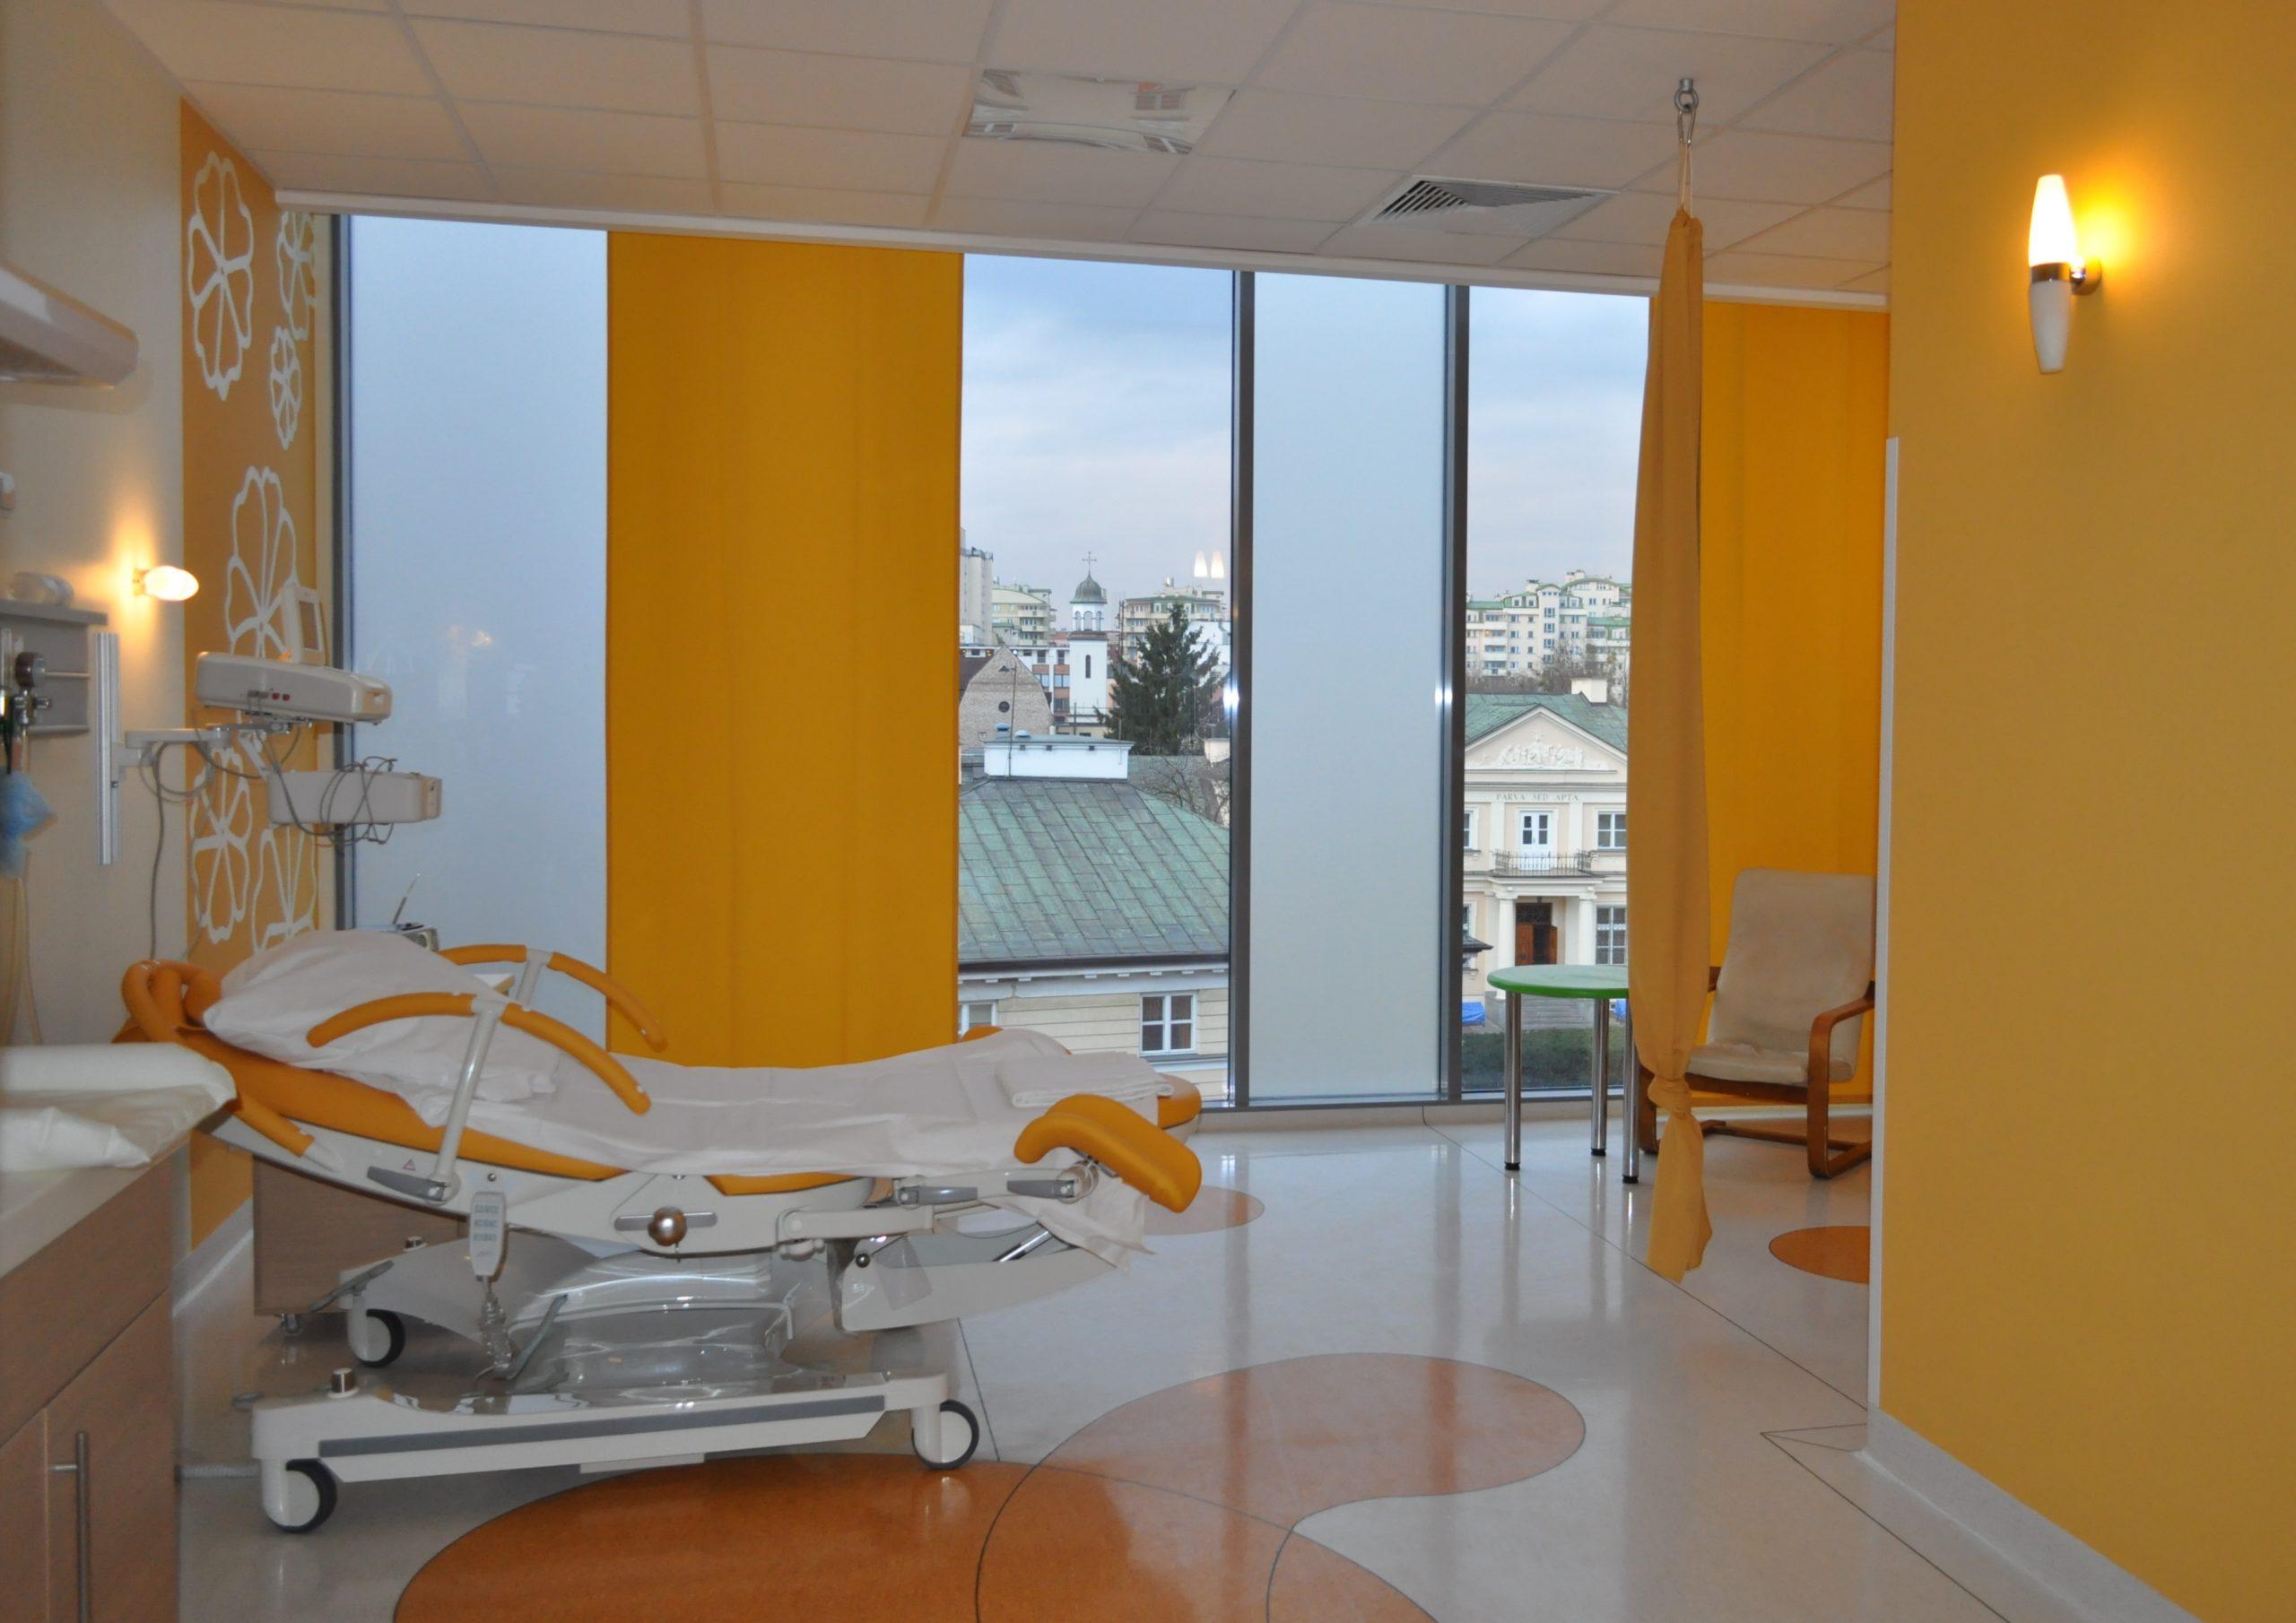 sala porodowa pomarańczowa, łóżko porodowe